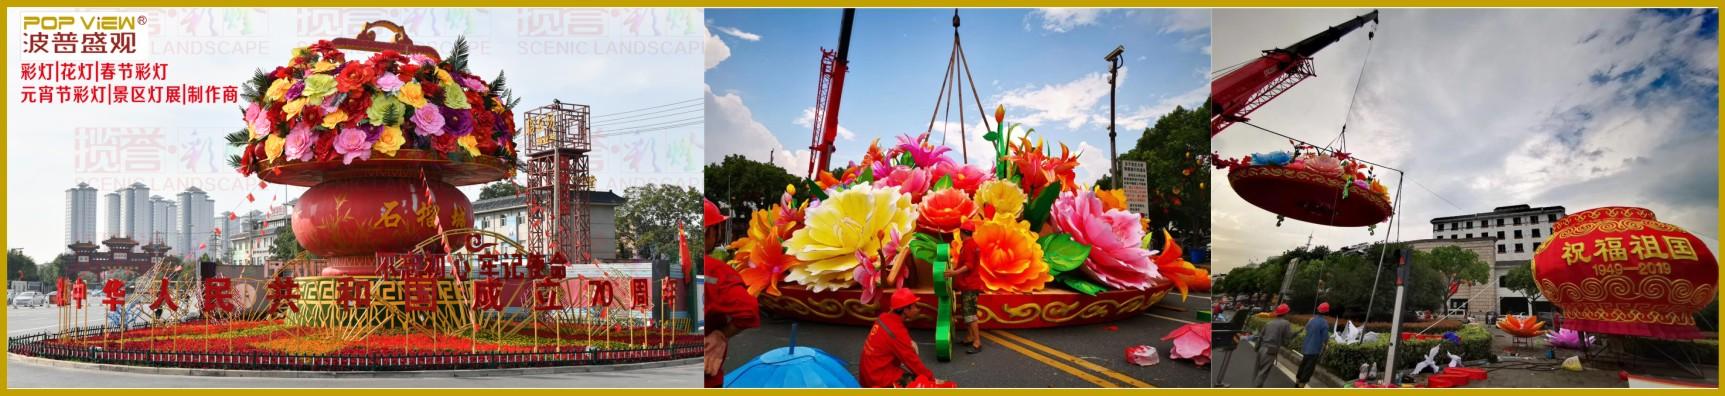 西安春节彩灯